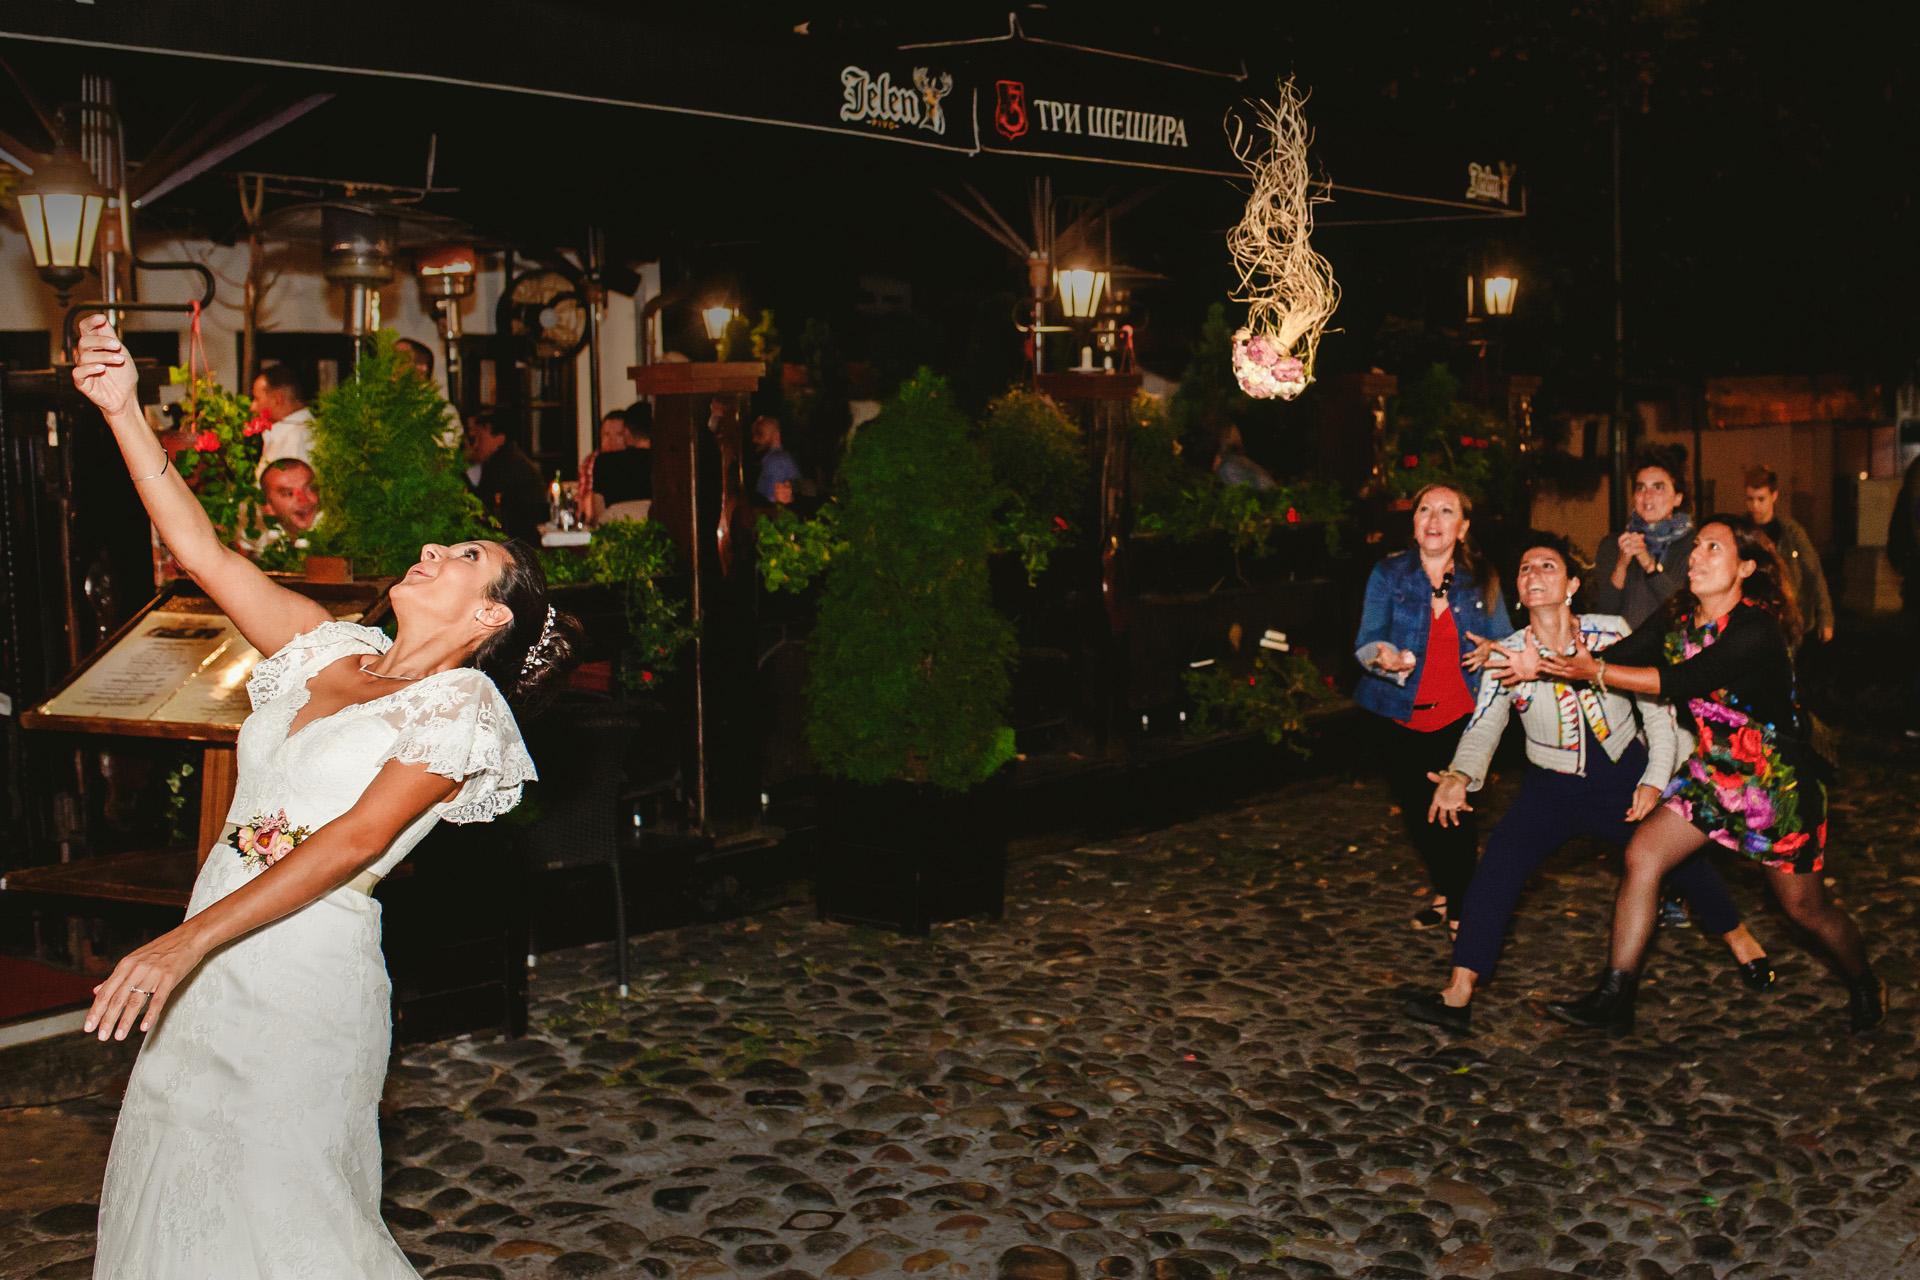 Serbie Elopement Wedding Party Celebration Photo | la mariée a jeté ses fleurs à quatre amis célibataires